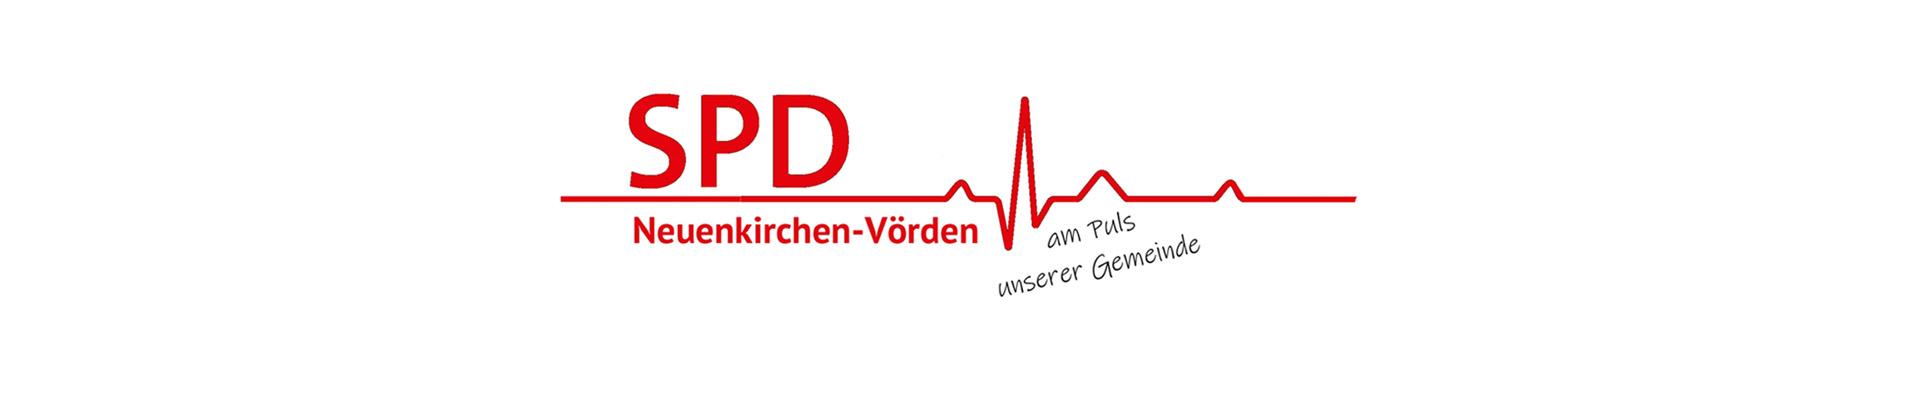 SPD Neuenkirchen-Vörden